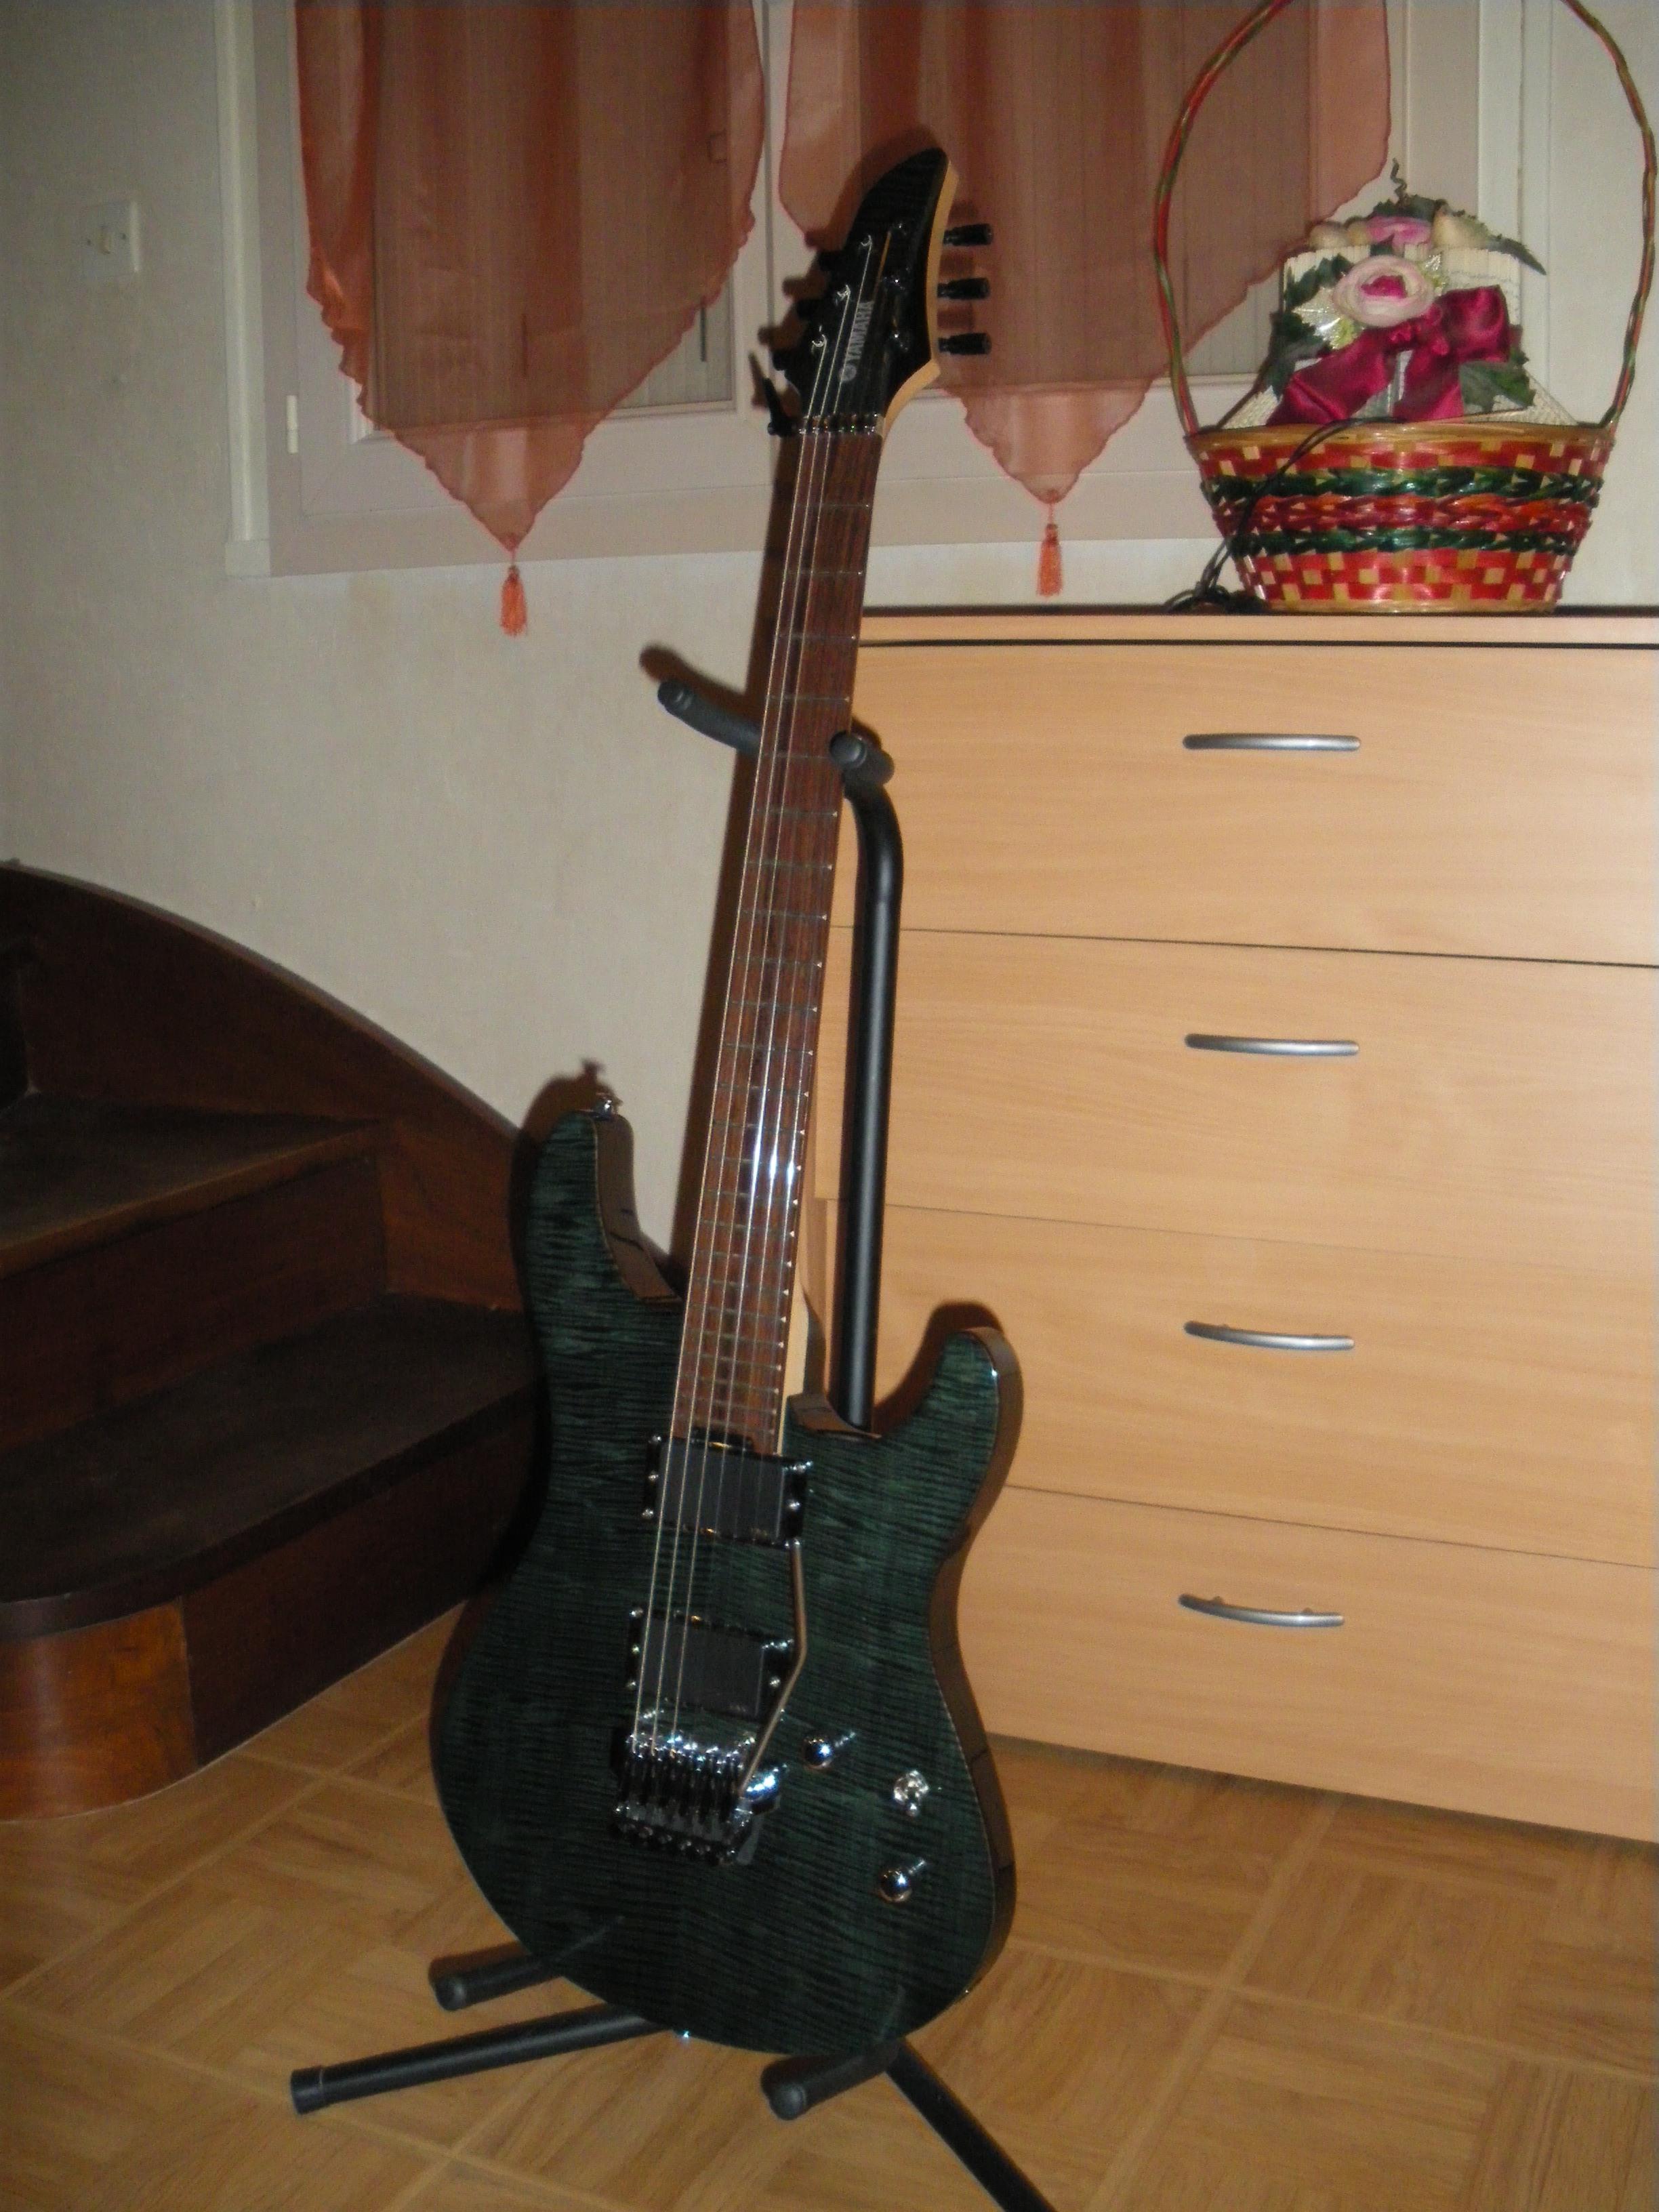 Guitare électrique Yamaha RGX 620 DZ (Midi-Pyrénées ...